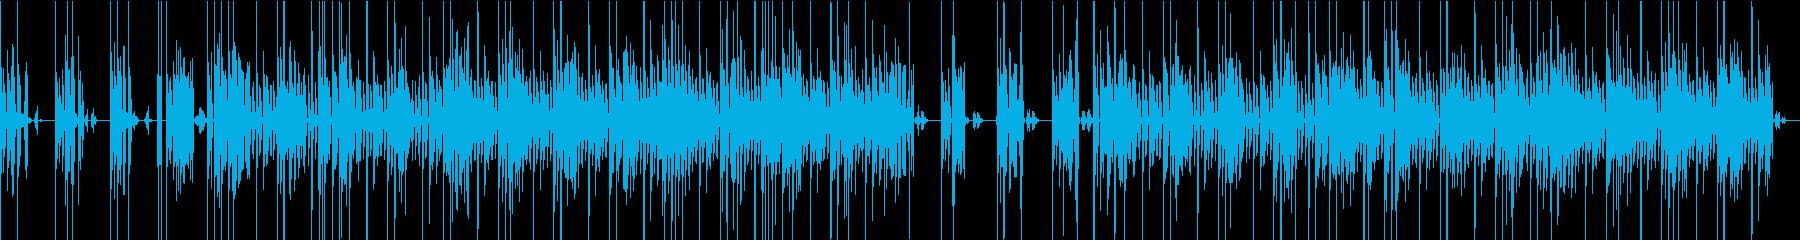 インダストリアルなシーンミュージックの再生済みの波形